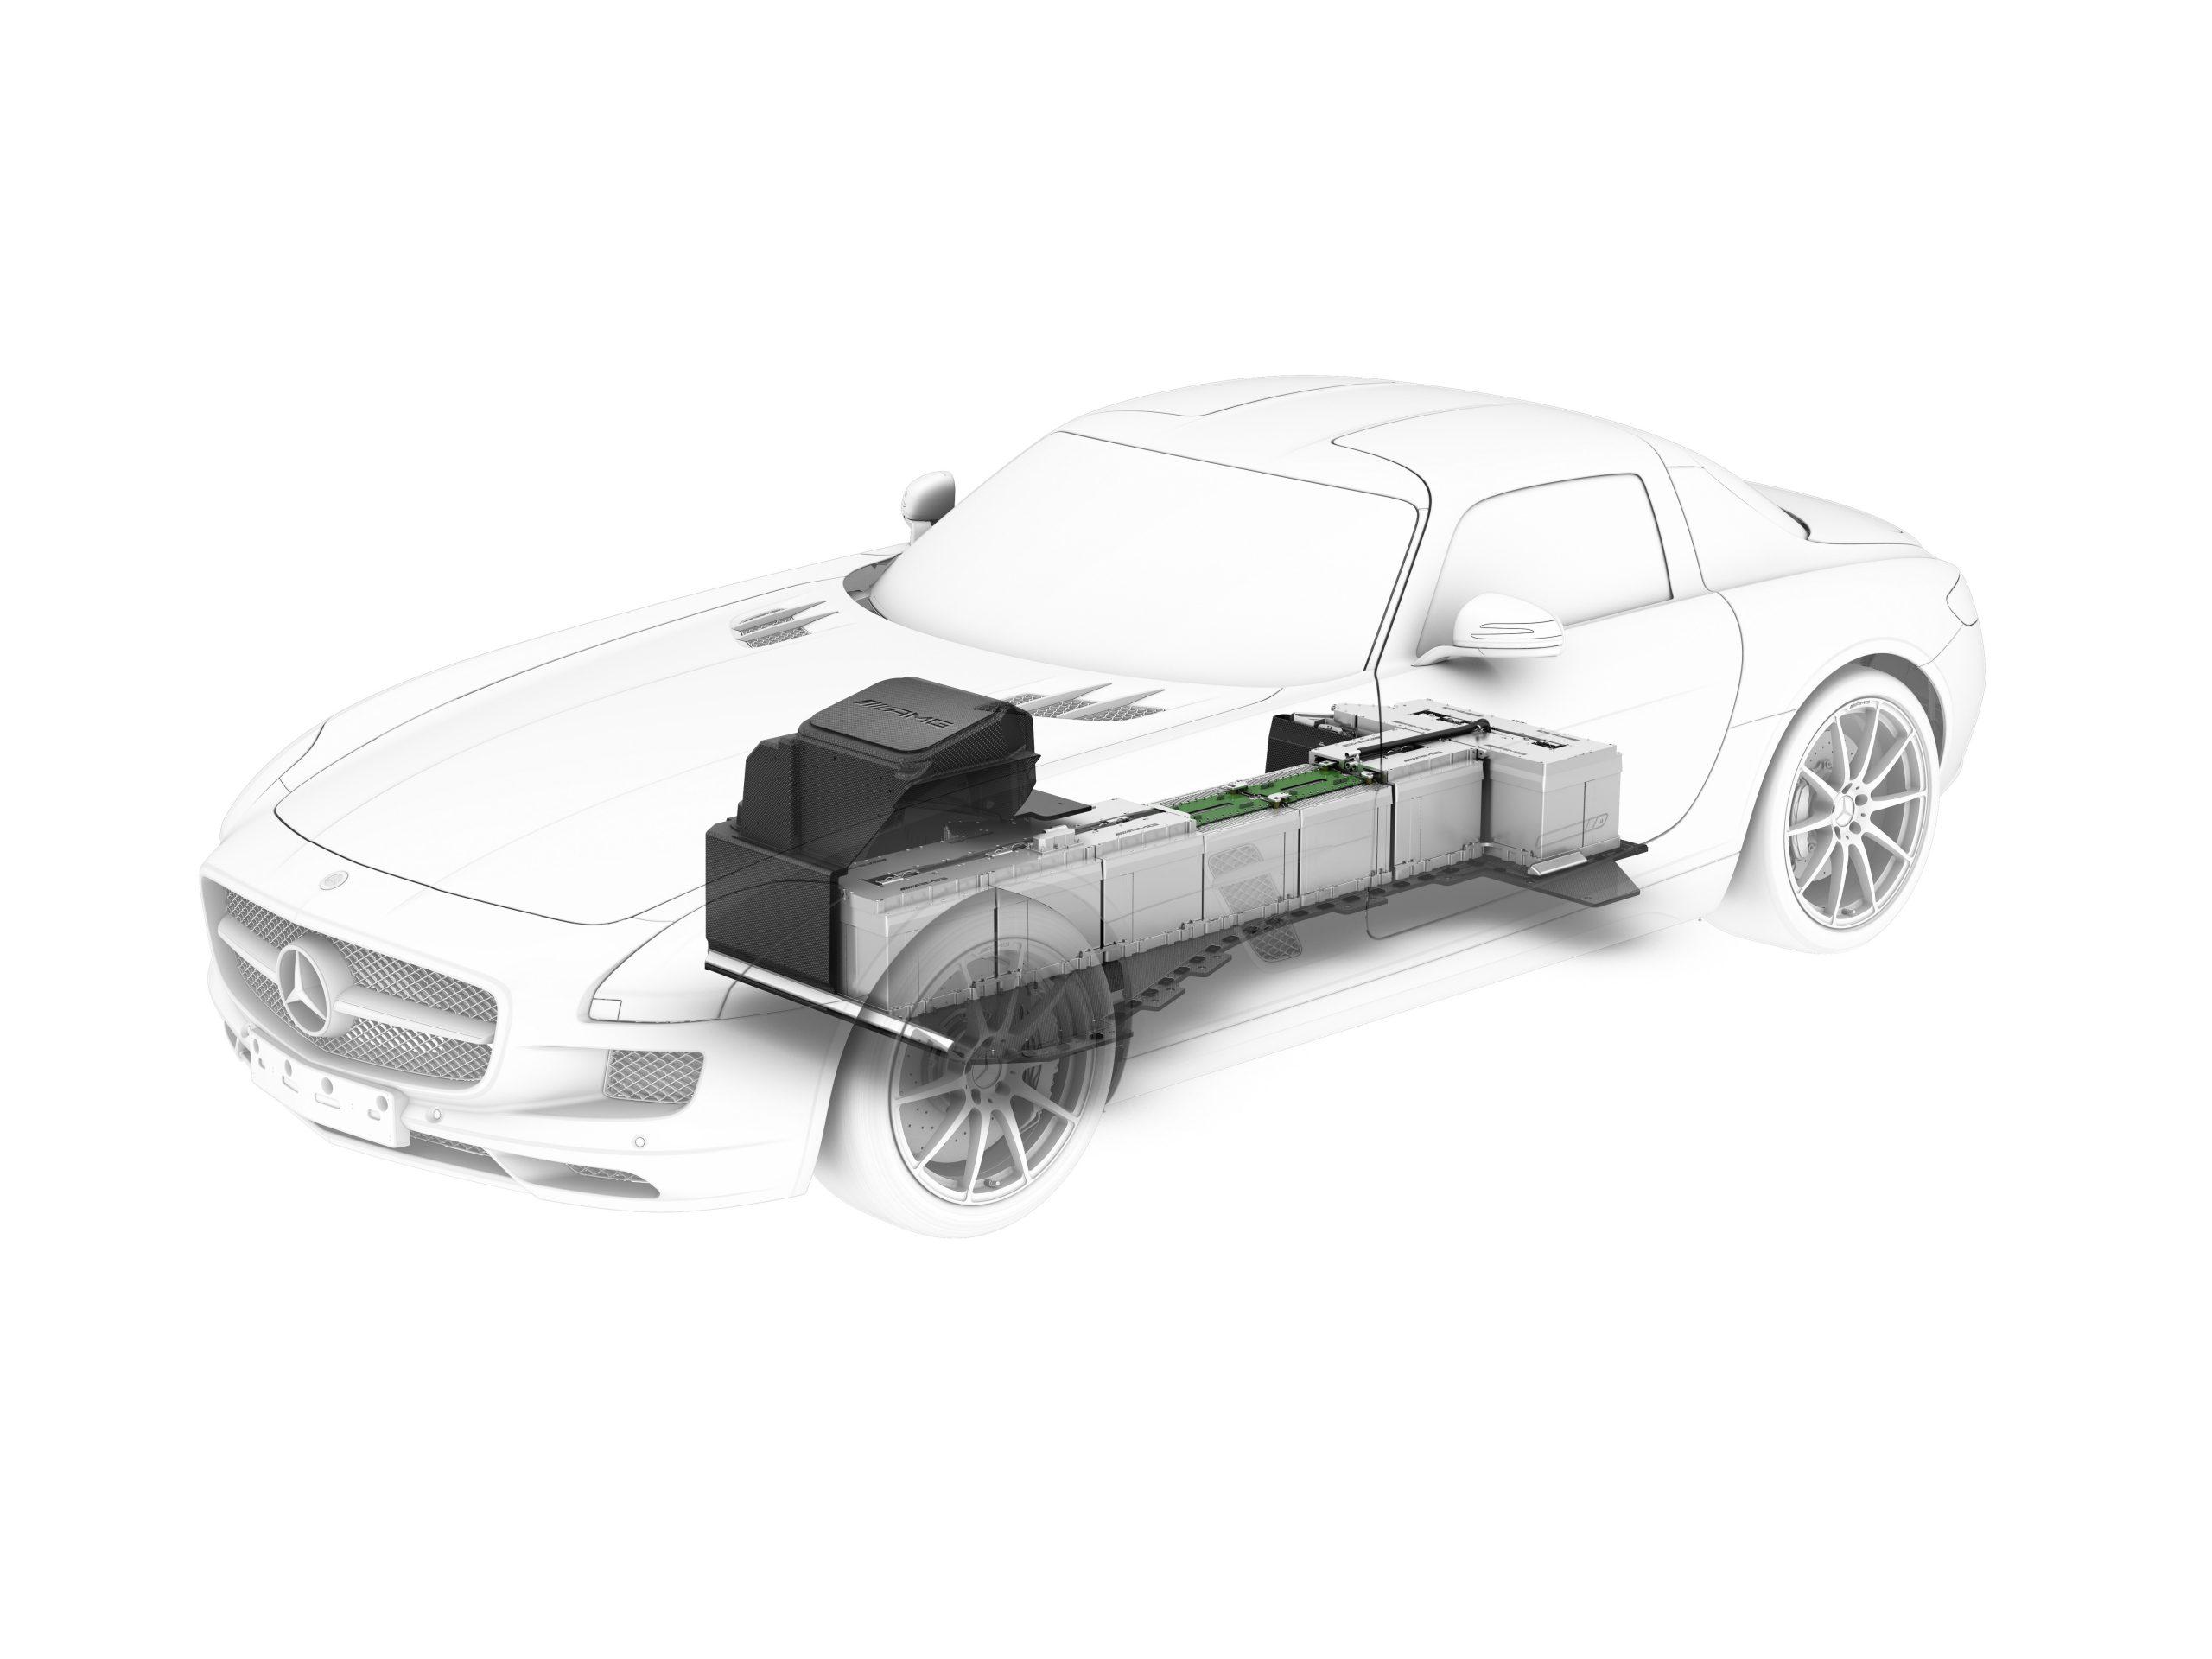 Mercedes-Benz SLS AMG E-CELL powertrain